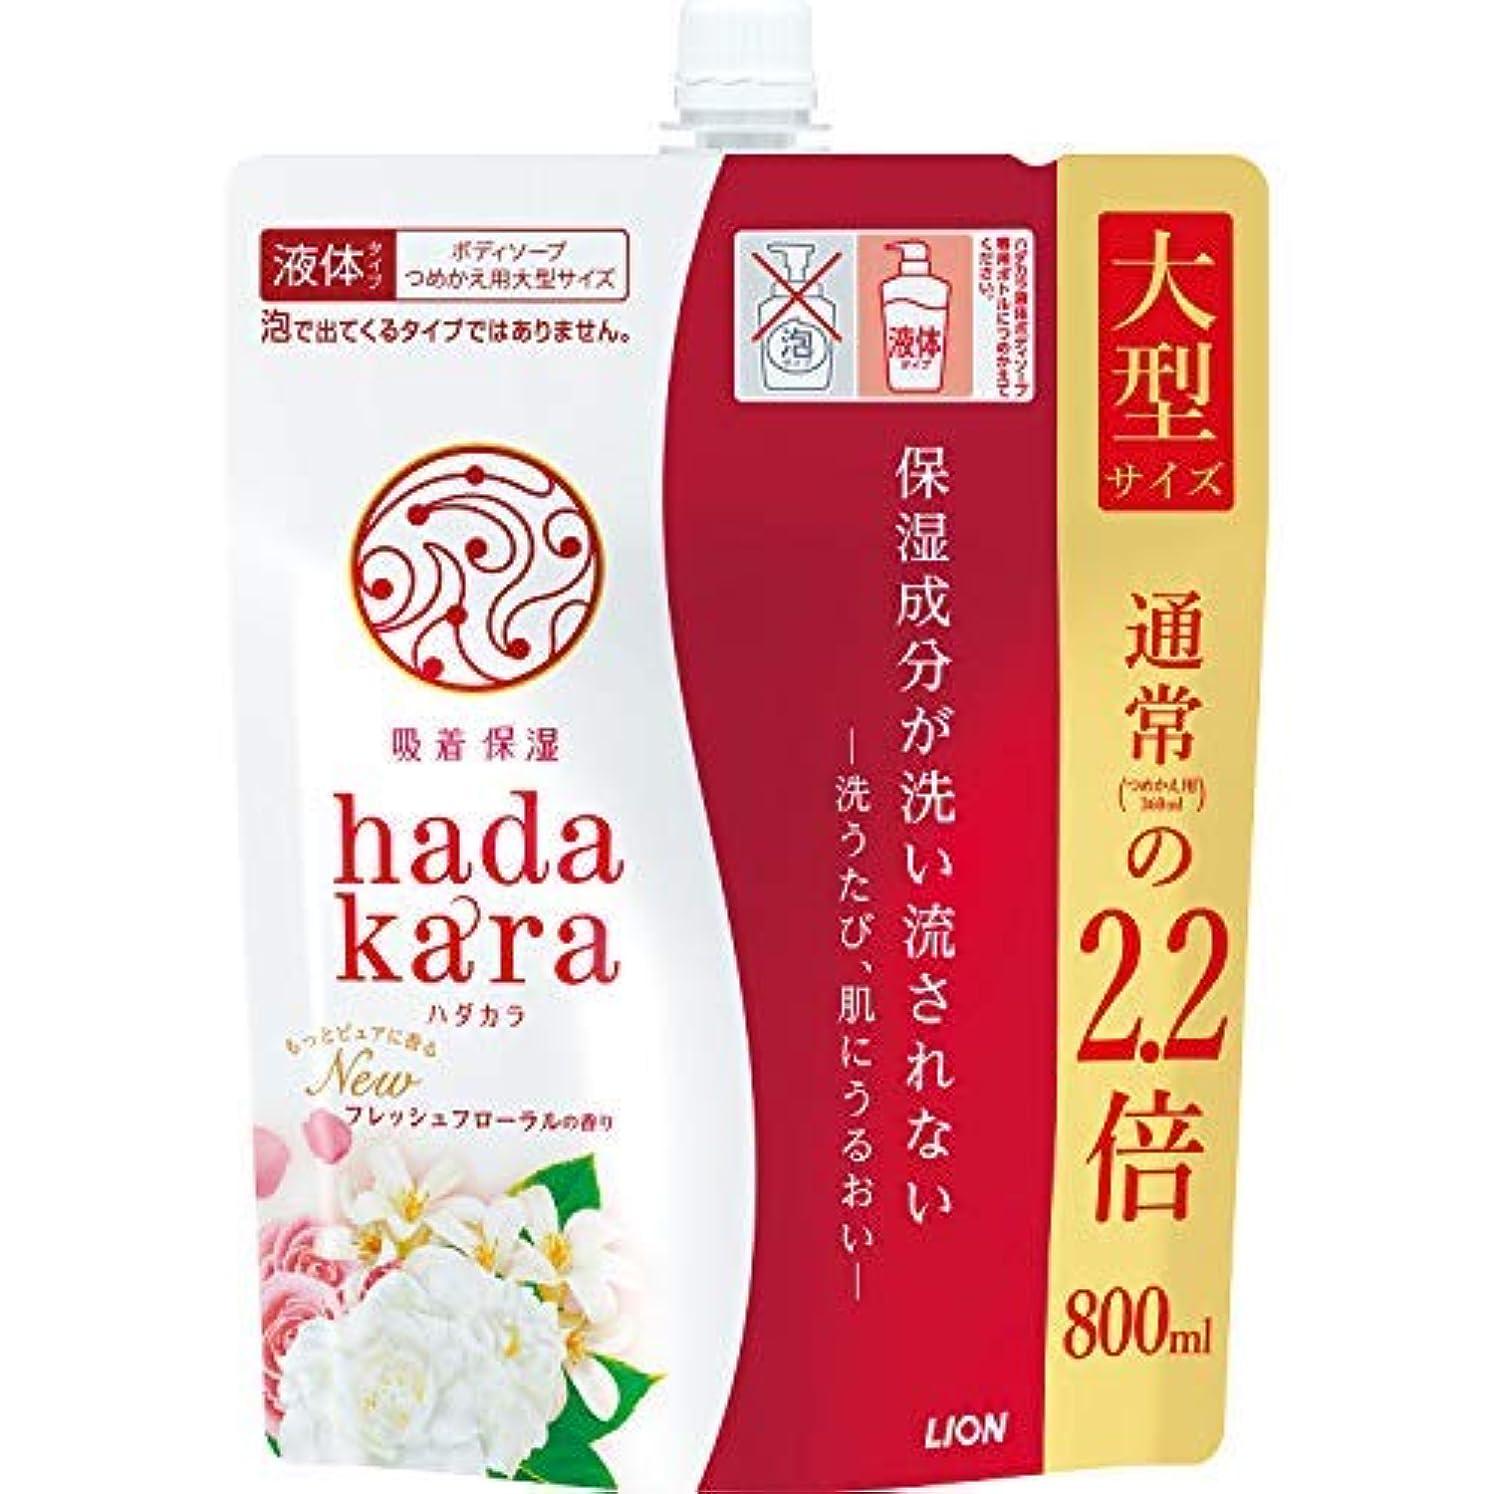 勧告スラムマニアックhadakara(ハダカラ)ボディソープ フレッシュフローラルの香り 詰替え用 大型サイズ 800ml × 7個セット